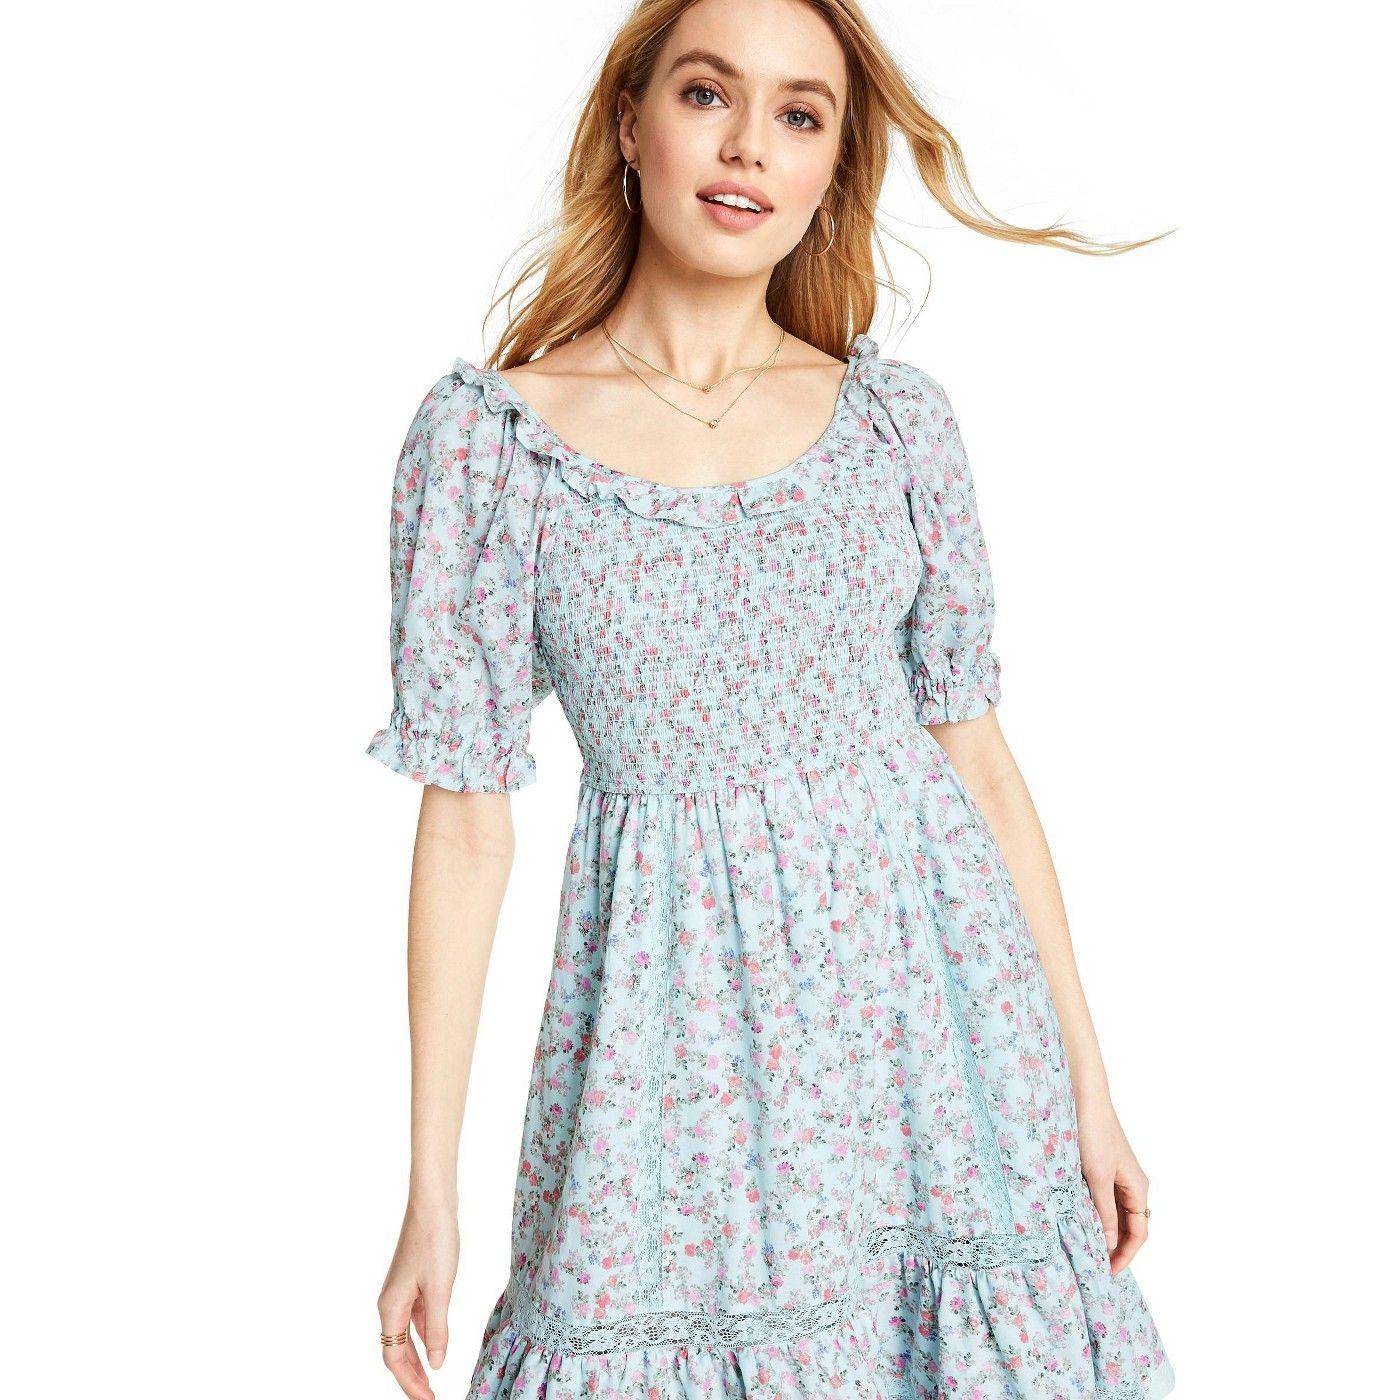 Women S Celeste Smocked Puff Sleeve Dress Loveshackfancy For Target Regular Plus Light Blue Puffed Sleeves Dress Dresses With Sleeves Puff Sleeve Dresses [ 1400 x 1400 Pixel ]